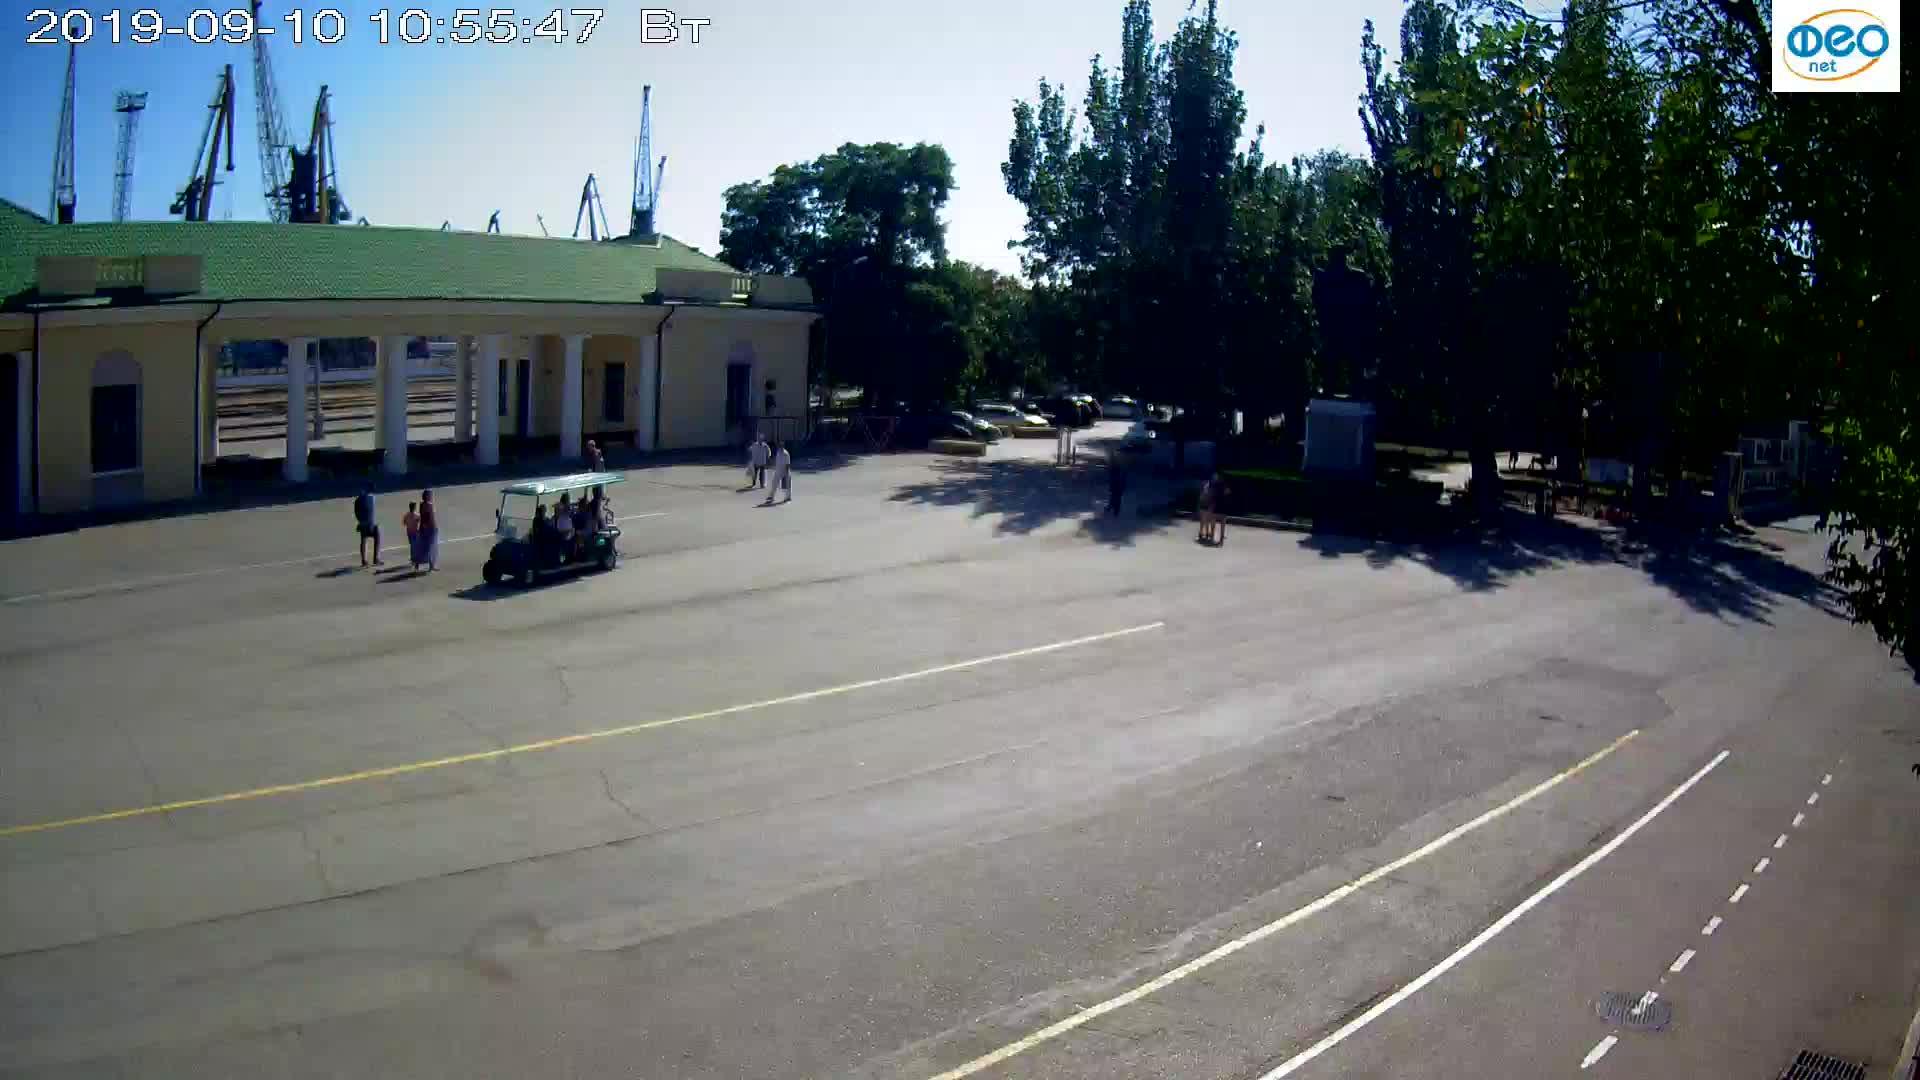 Веб-камеры Феодосии, Привокзальная площадь 2, 2019-09-10 10:43:13